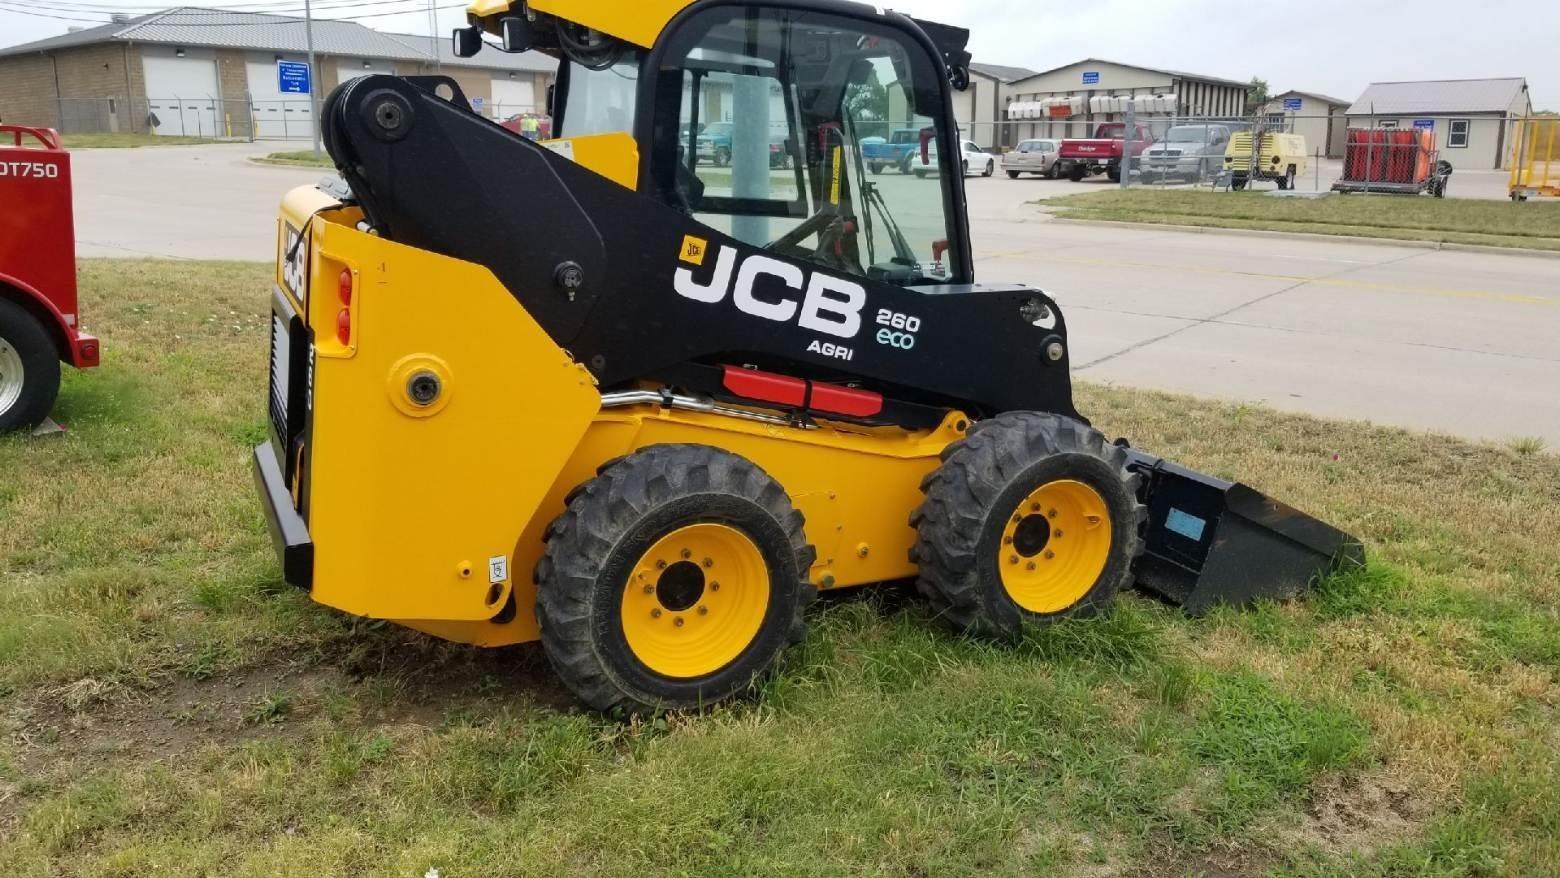 Used 2016 JCB 280 in SUPERIOR, NE